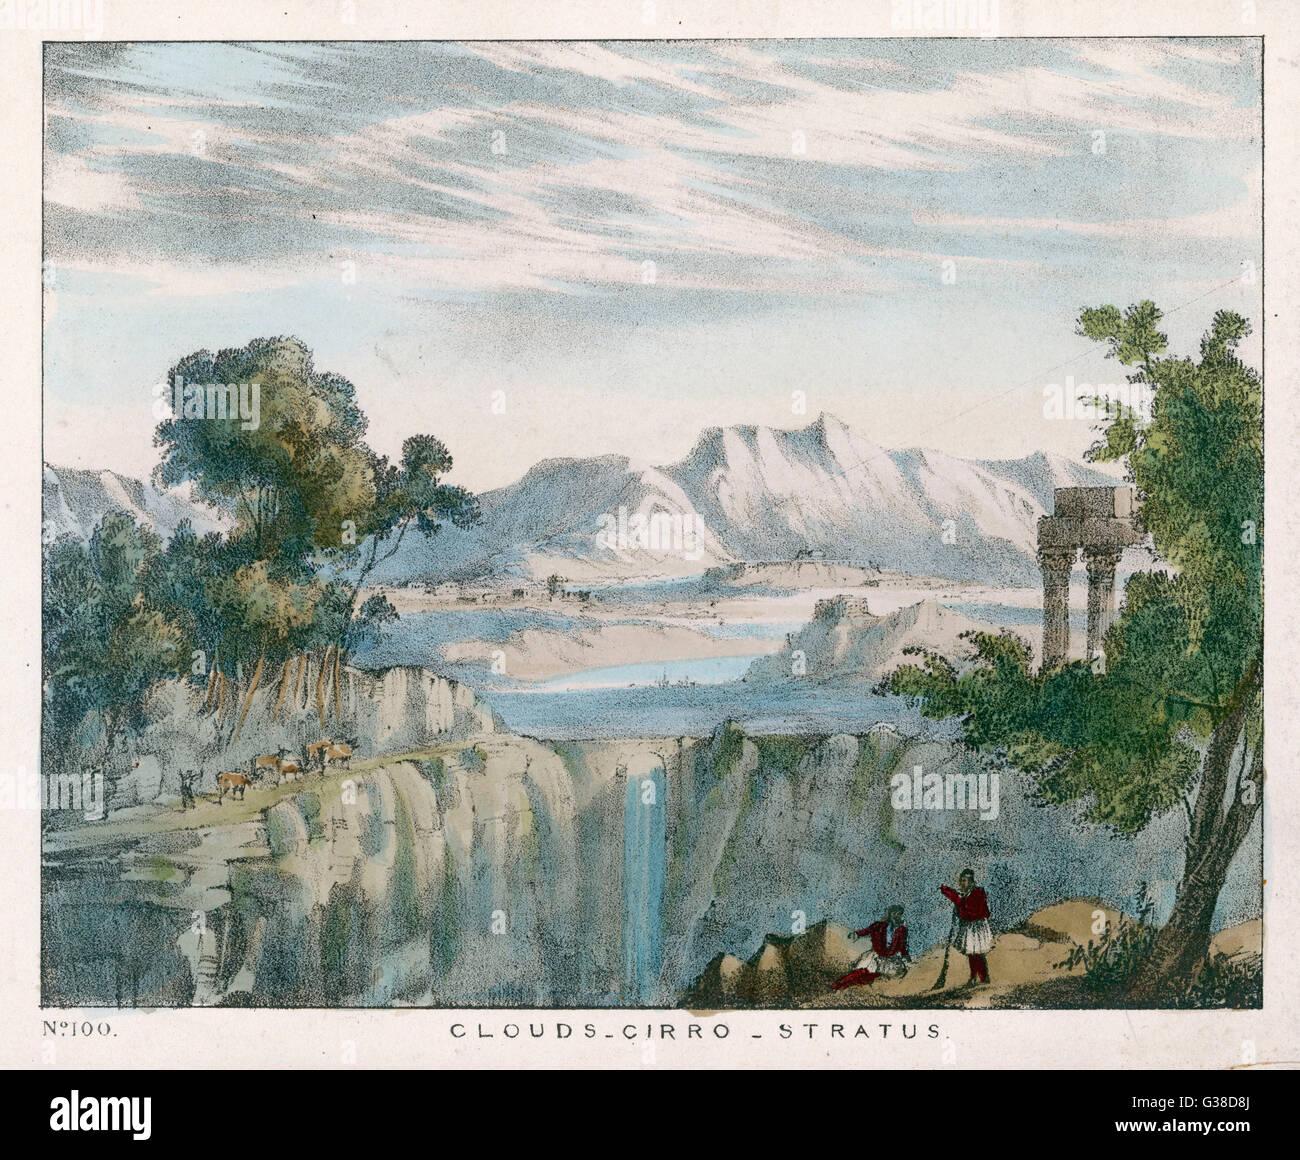 Un paesaggio roccioso con cirro- stratus nuvole. Data: 1849 Immagini Stock